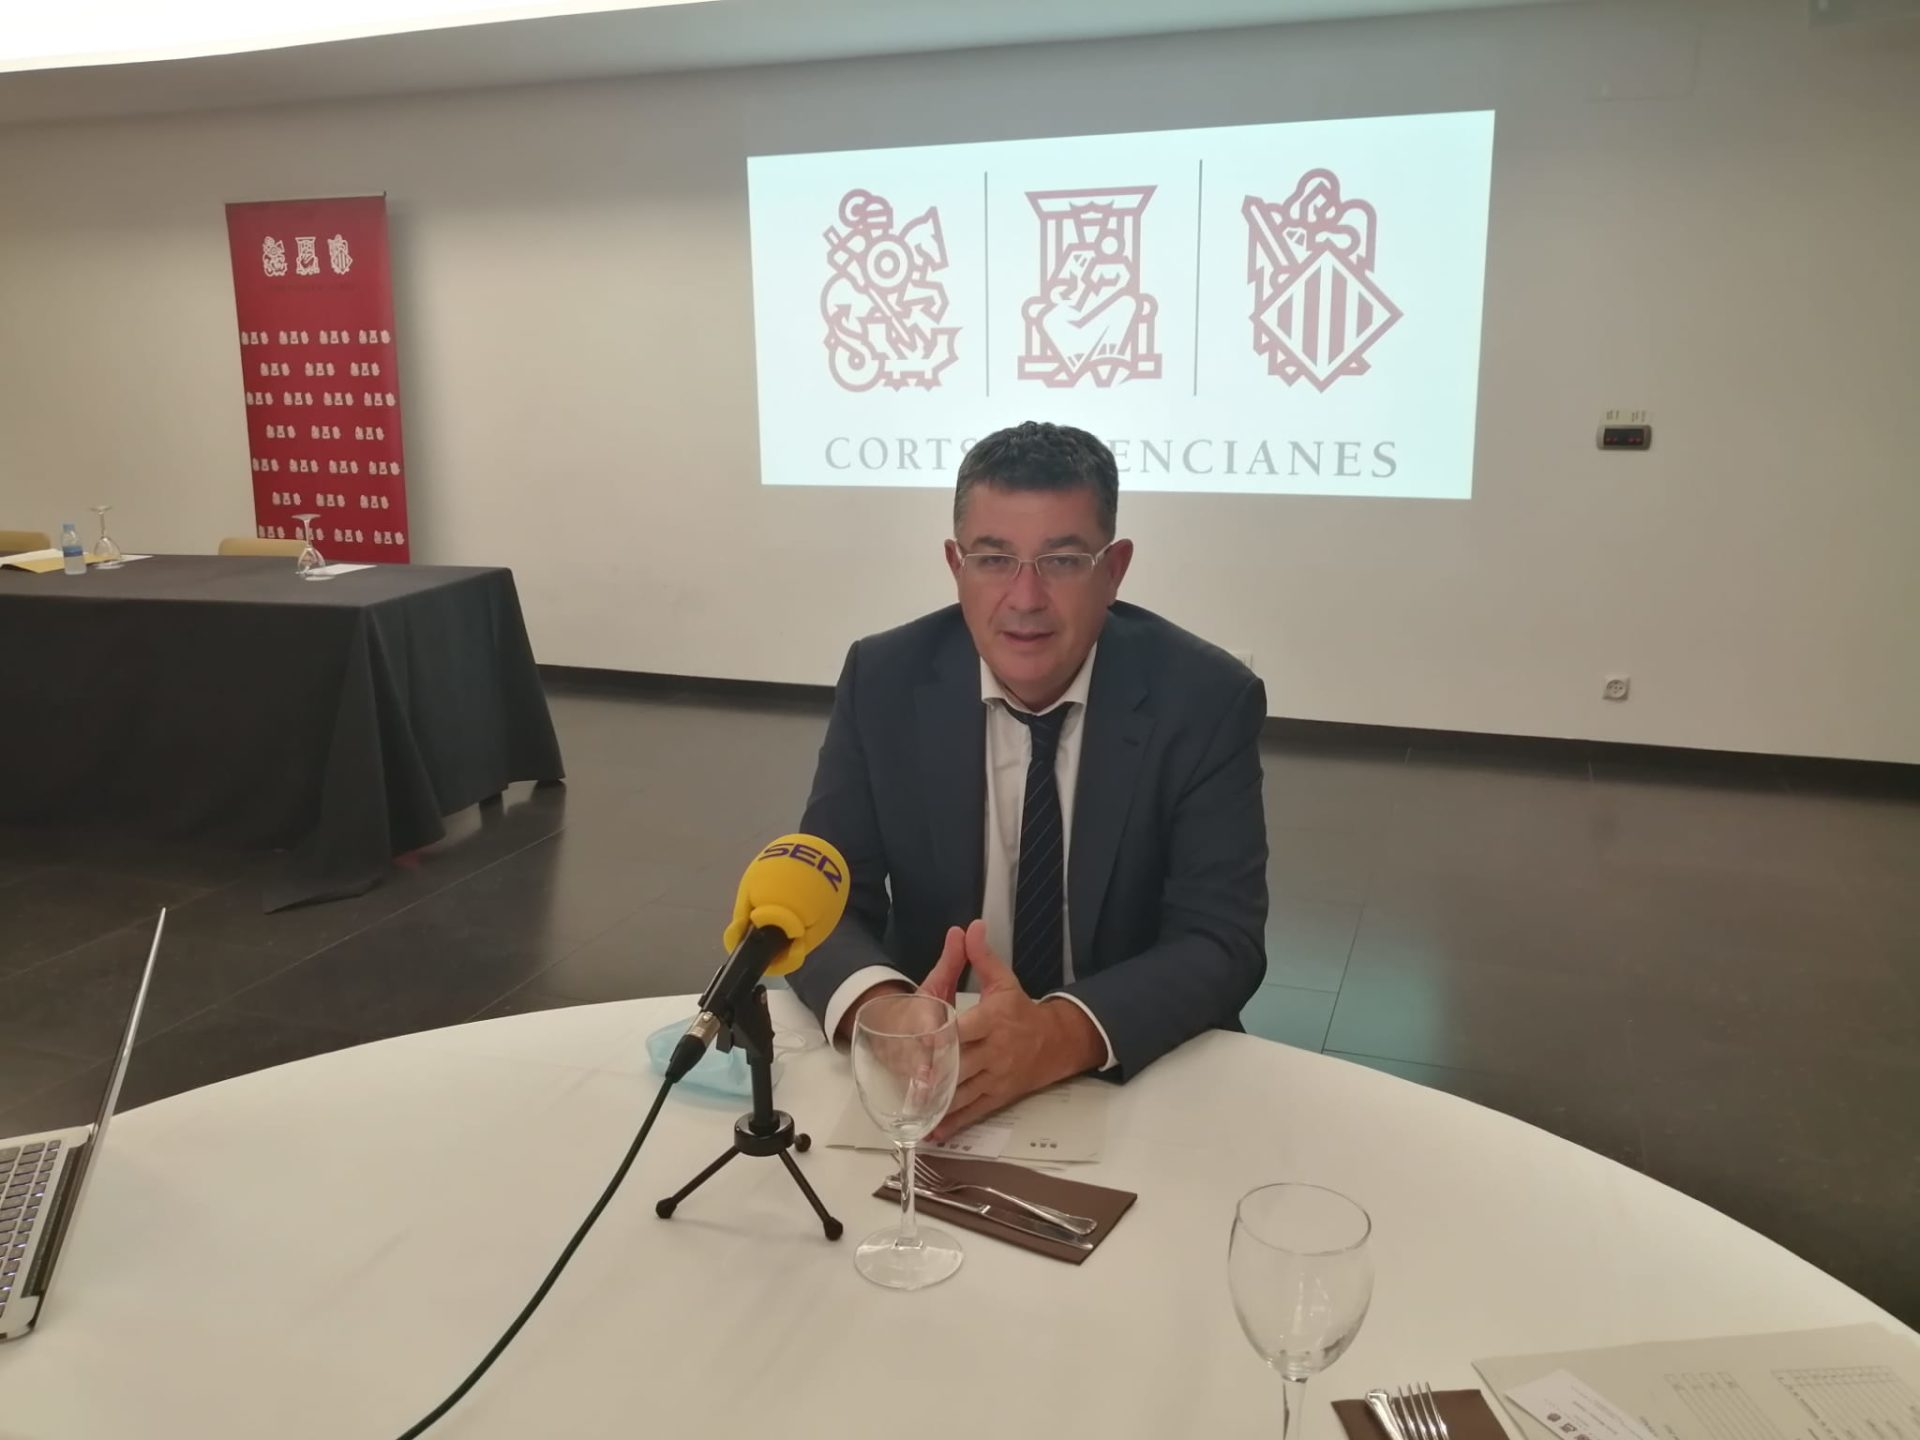 Imagen del president de les Corts Valencianes sentado con una ppantalal de proyección con el logotipo de los Corts tres él